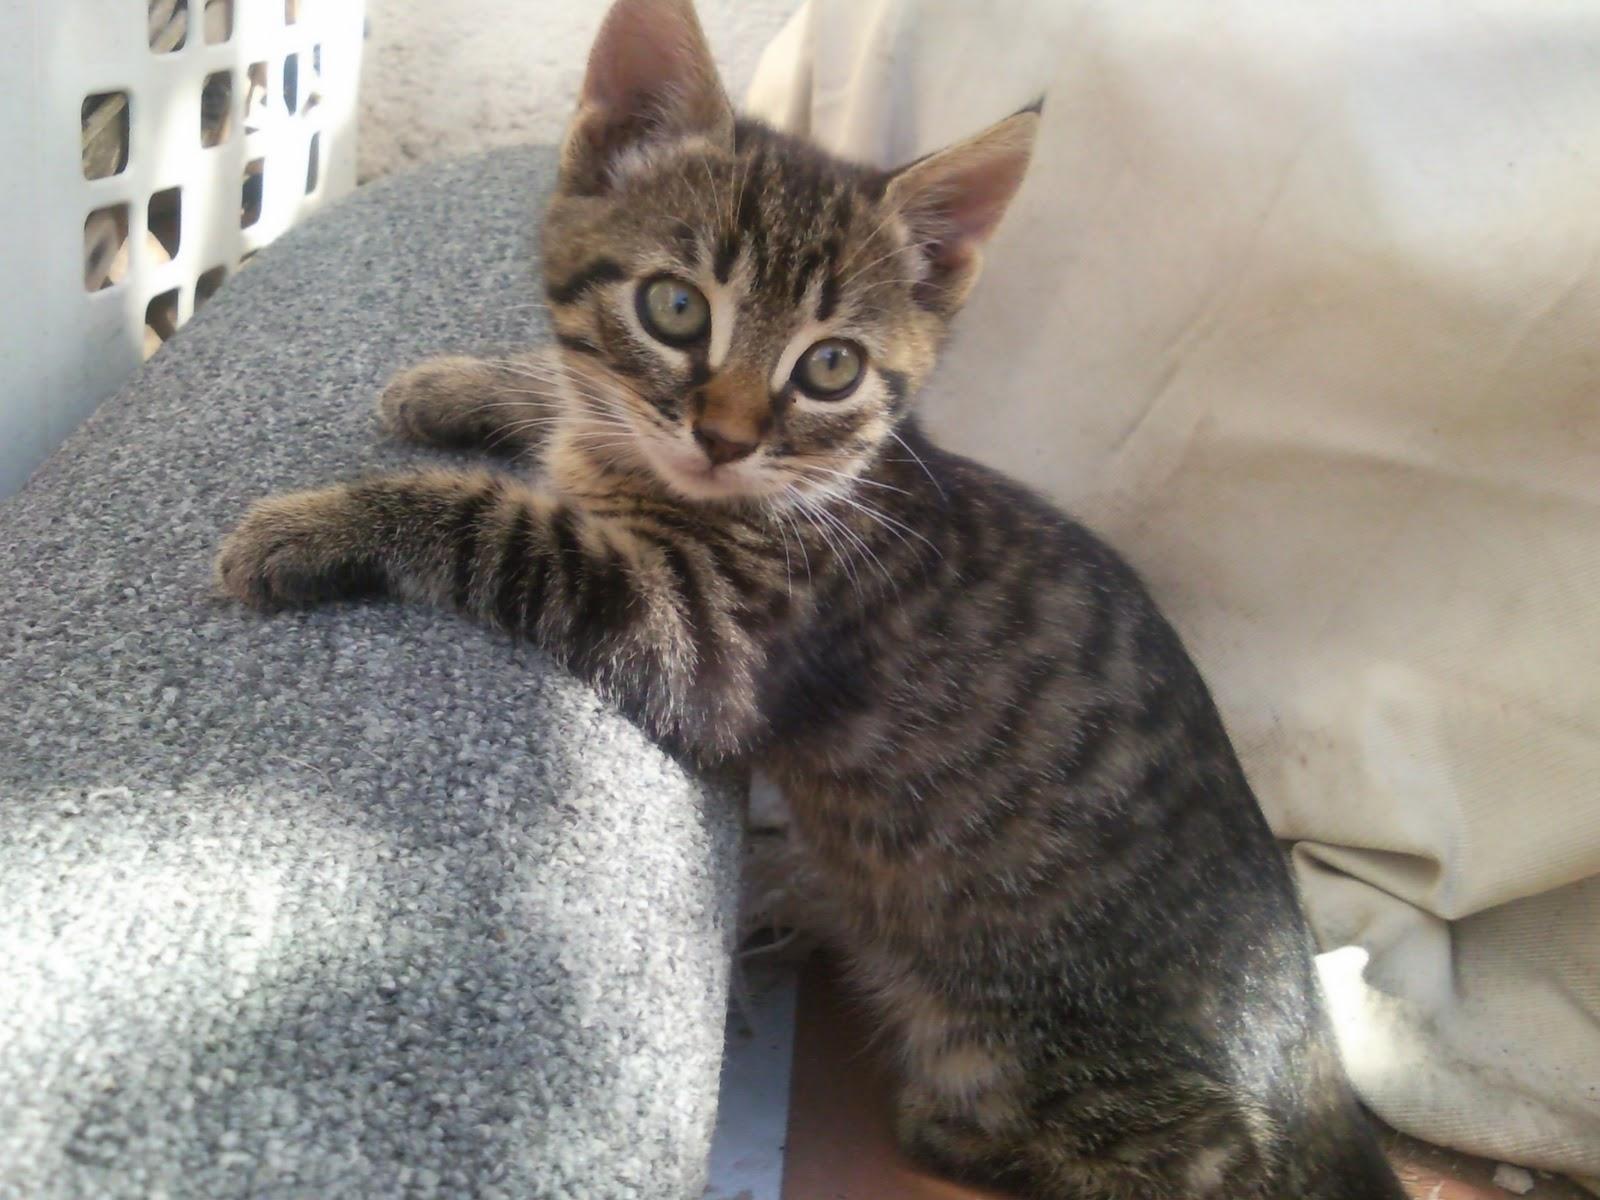 Global defensa gats gatitos de mes y medio en adopci n - Gatitos de un mes ...